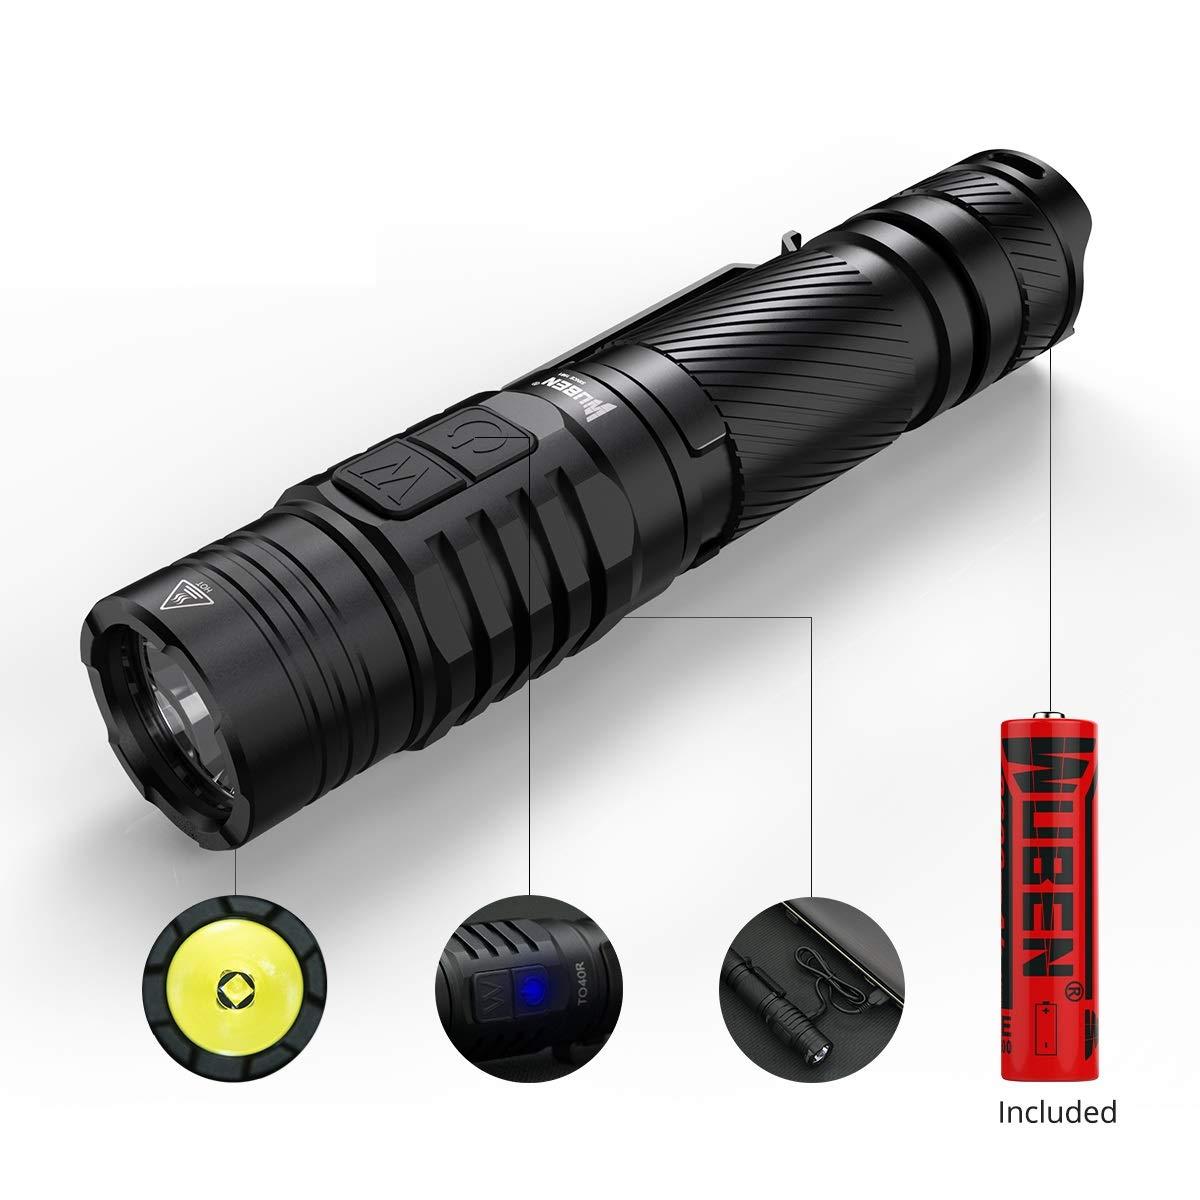 Linternas LED Alta Potencia, WUBEN® TO40R Recargable USB 1200LM CREE XPL V6 Linterna Tactica